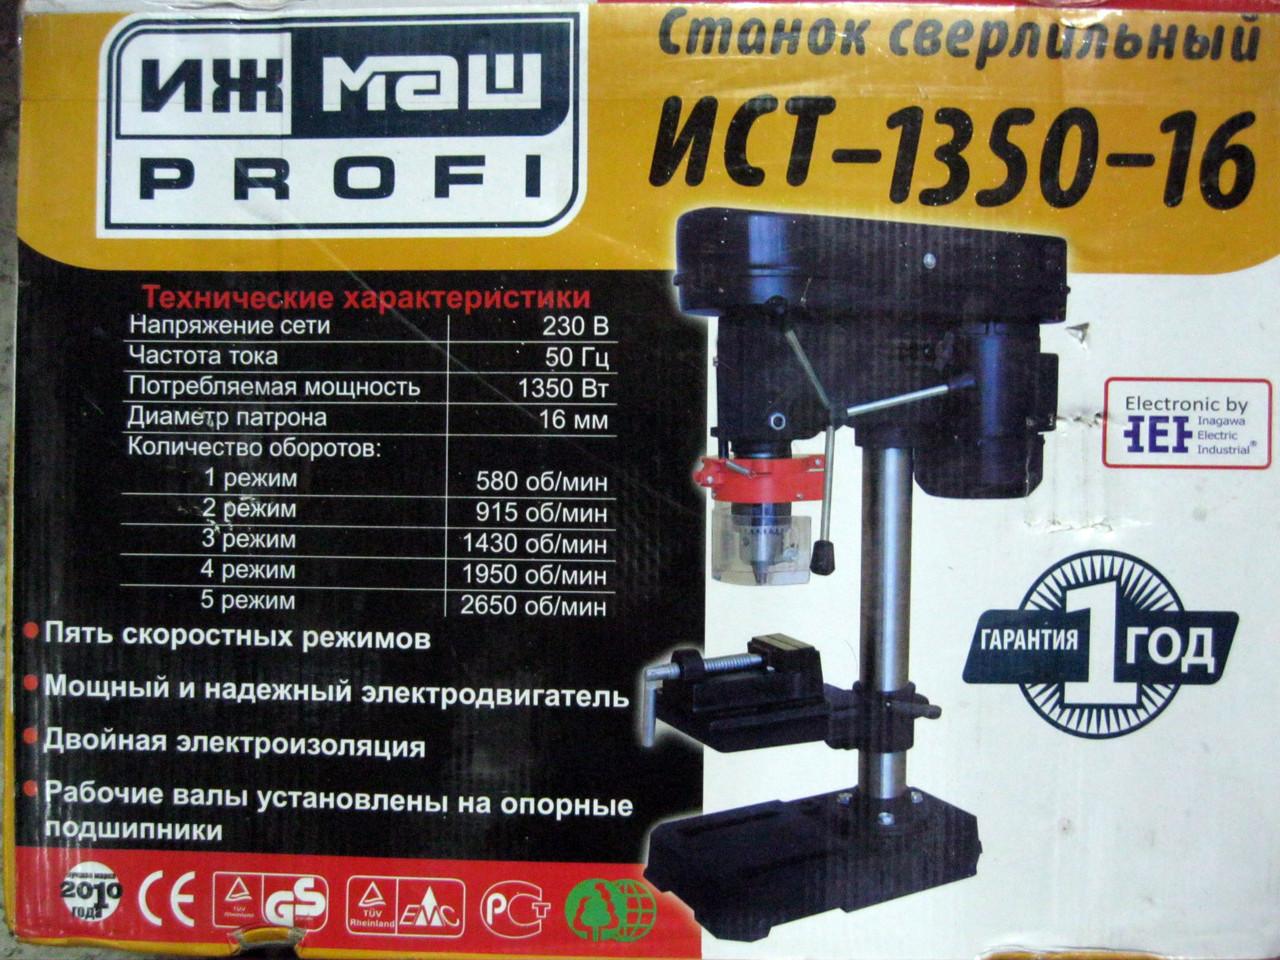 Сверлильный станок Ижмаш ИСТ-1350-16